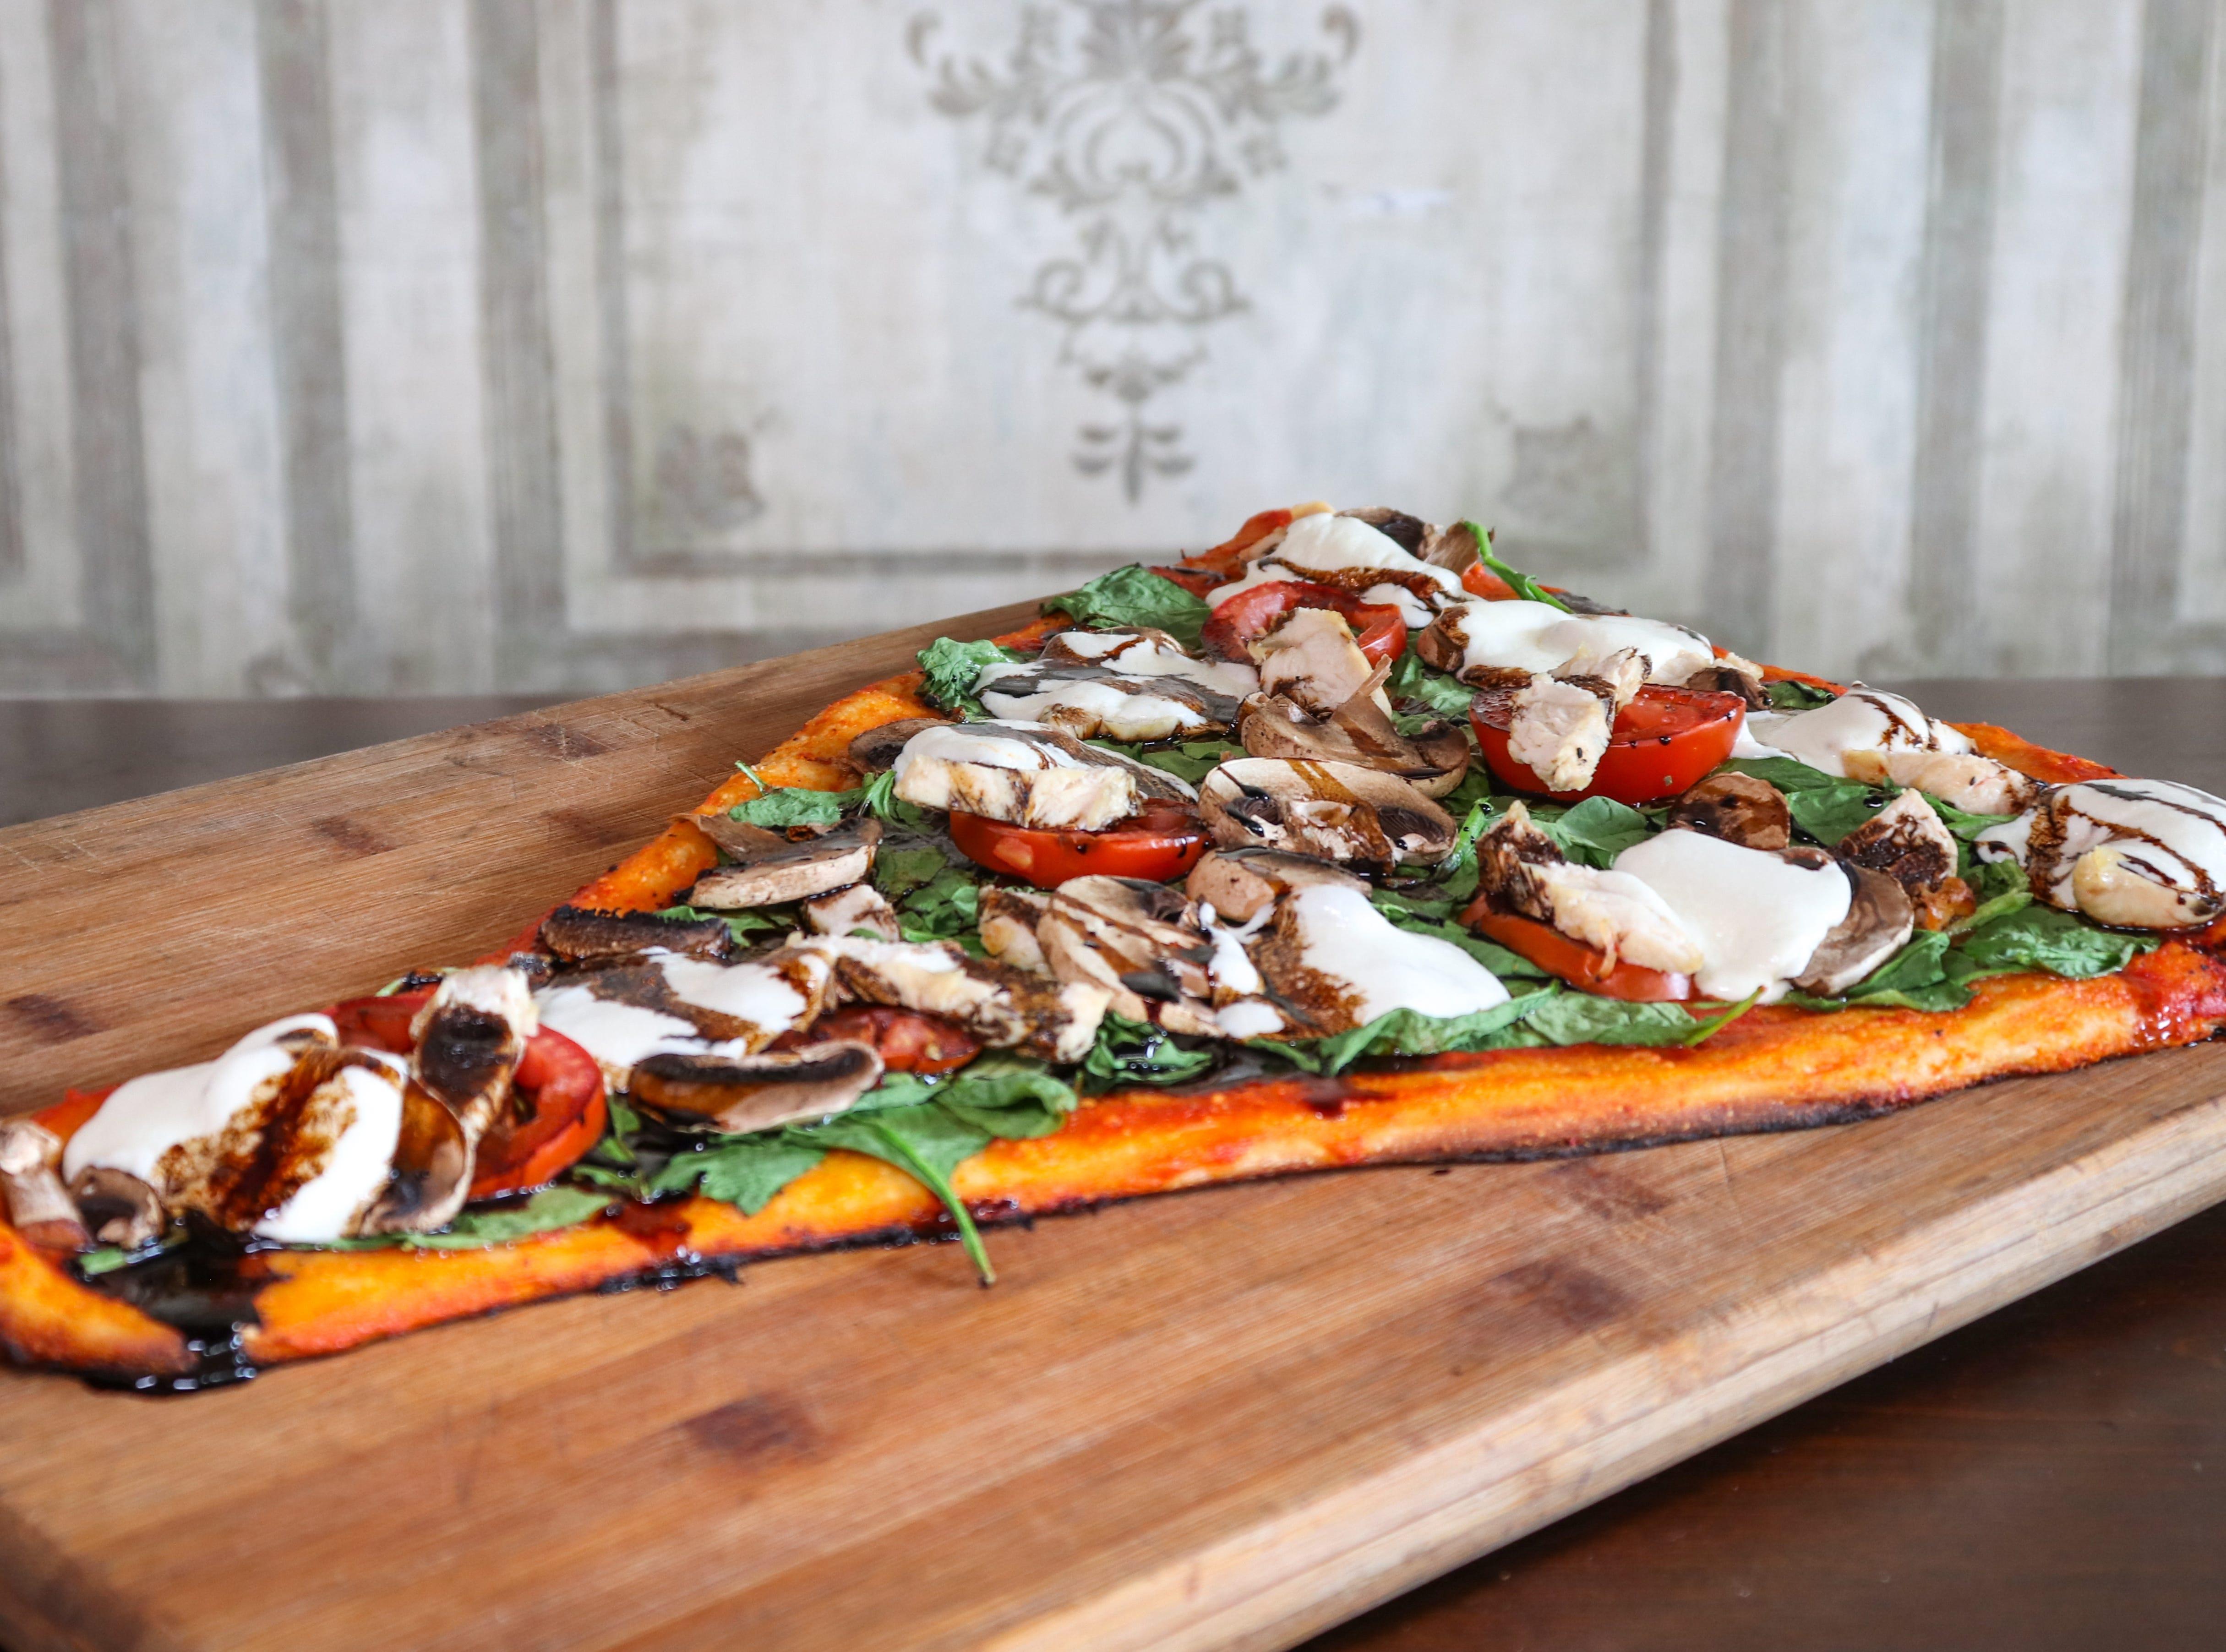 Rustica pizza at Crust Pizzeria and Italian Restaurant.